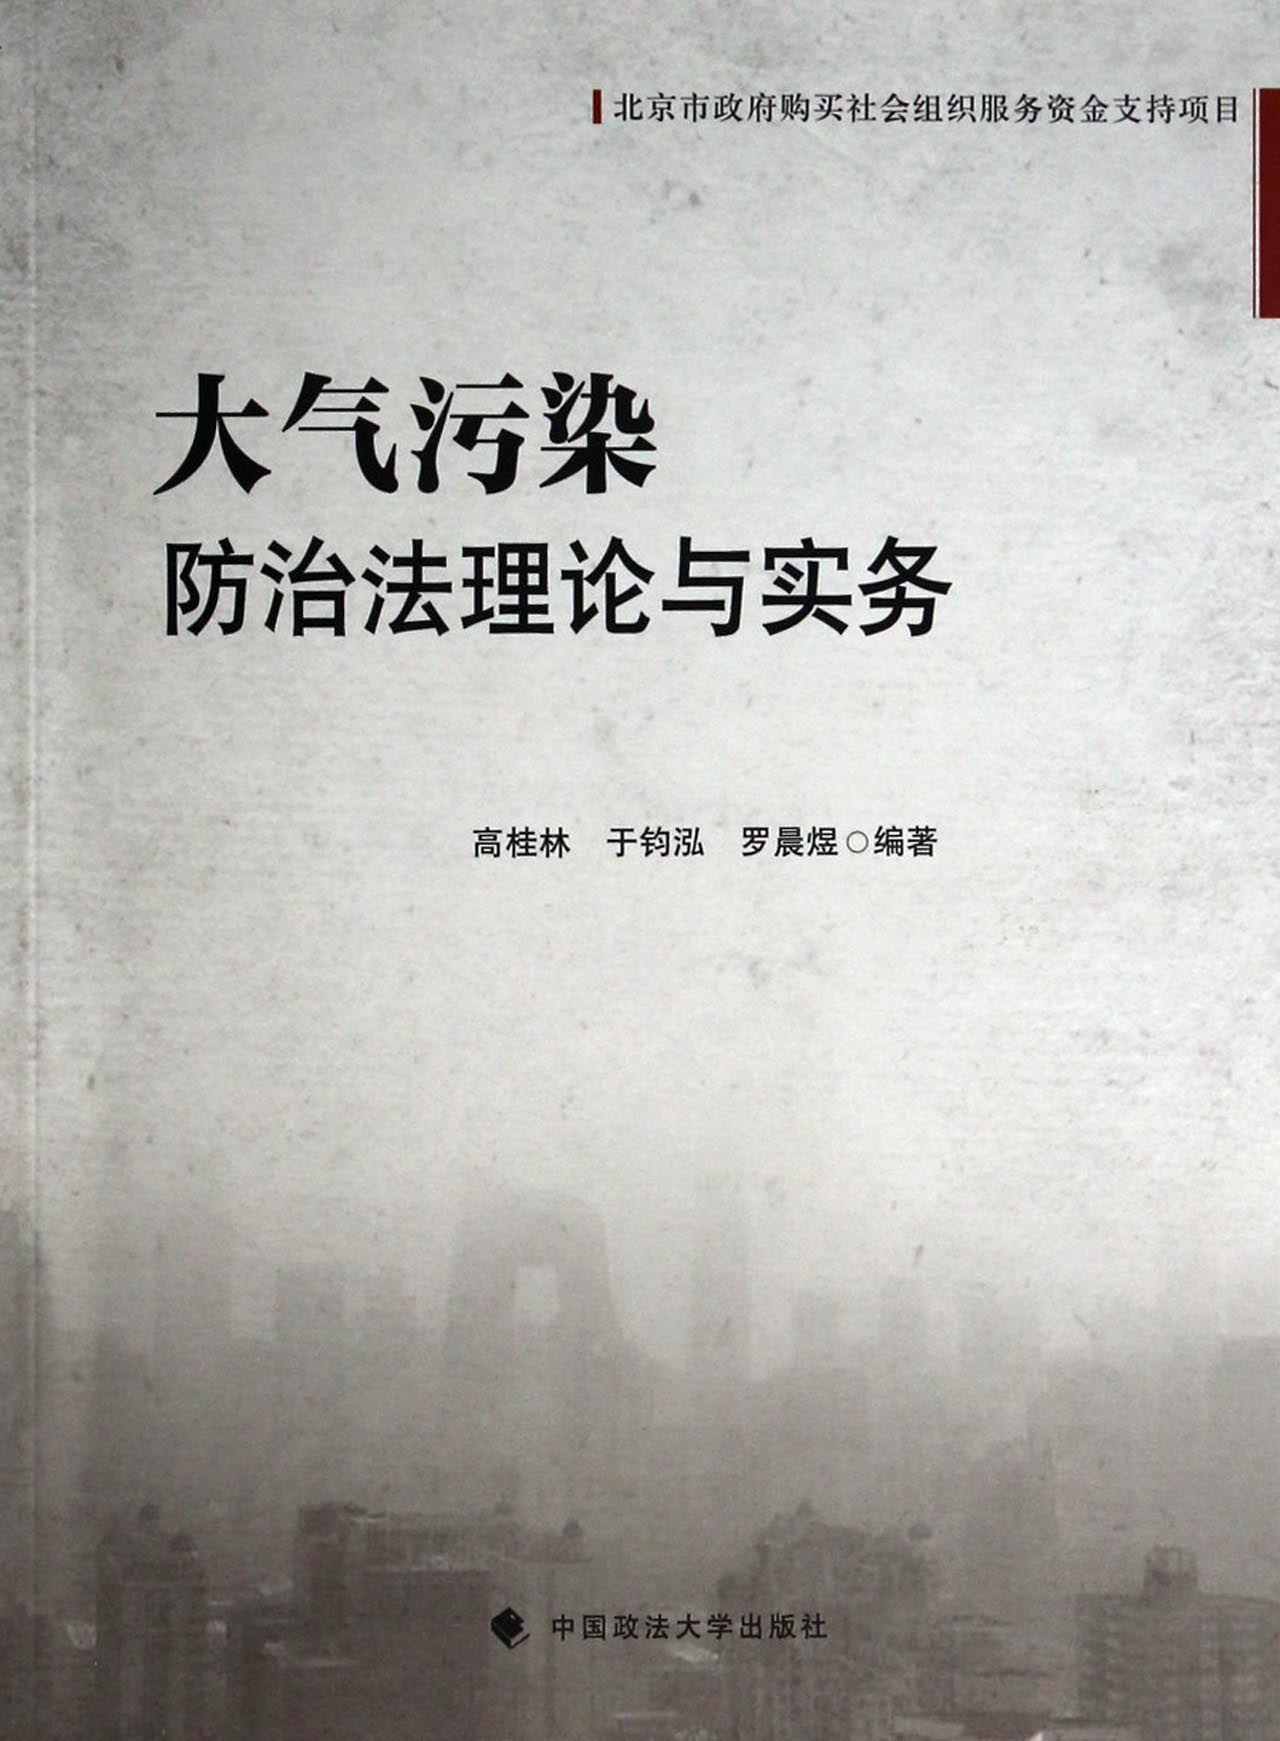 大气污染防治法第九十九条理解